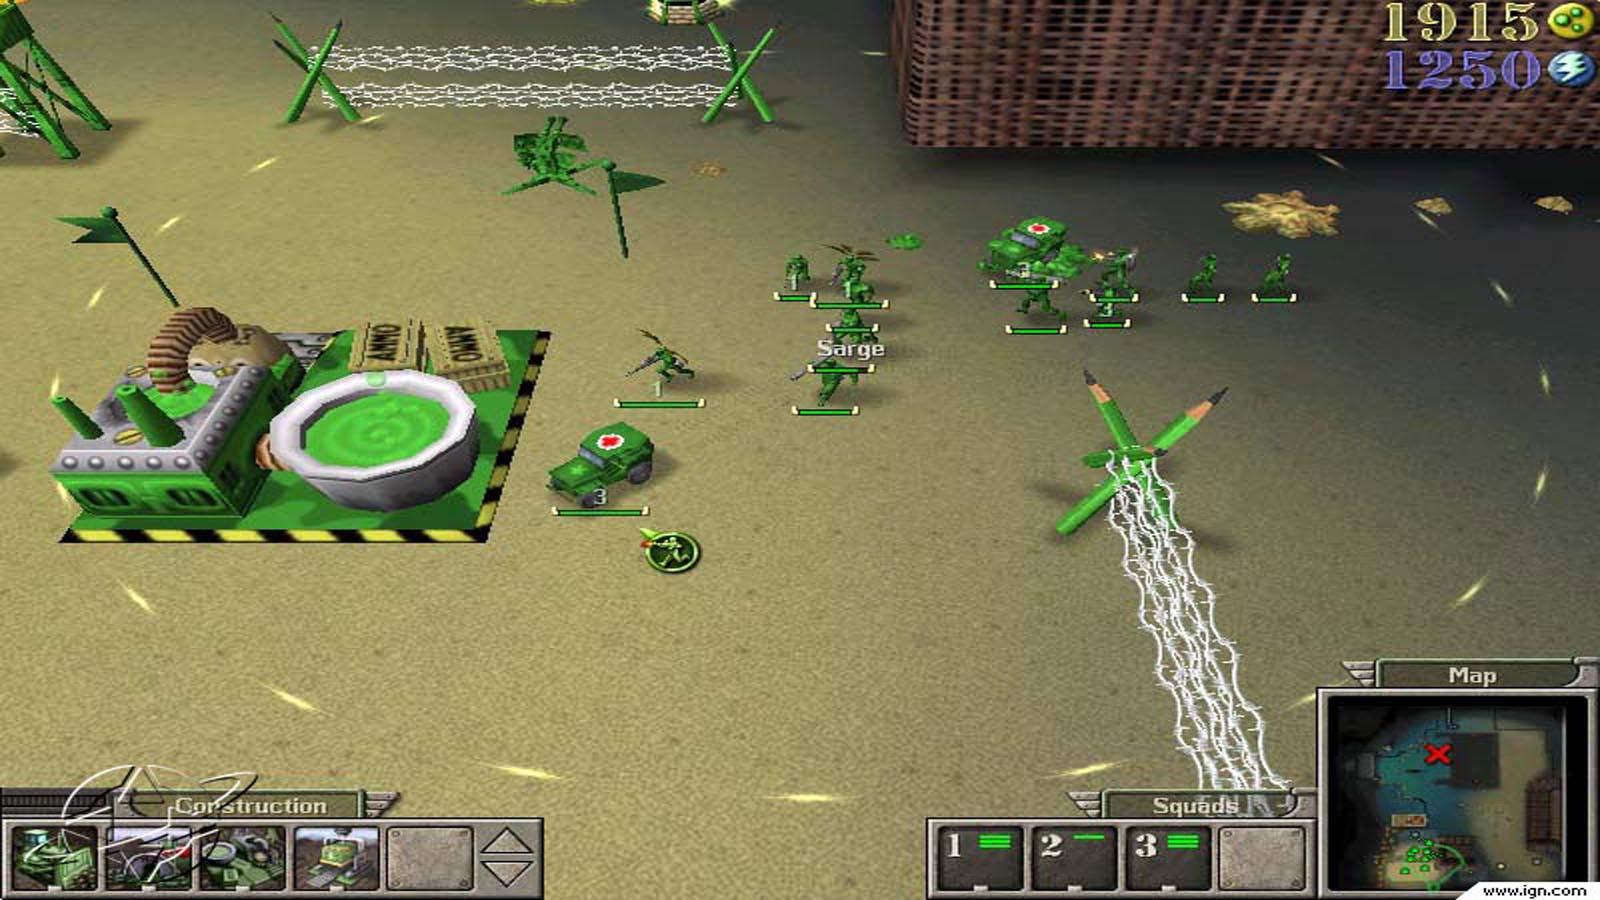 تحميل لعبة Army Men مضغوطة برابط واحد مباشر كاملة مجانا